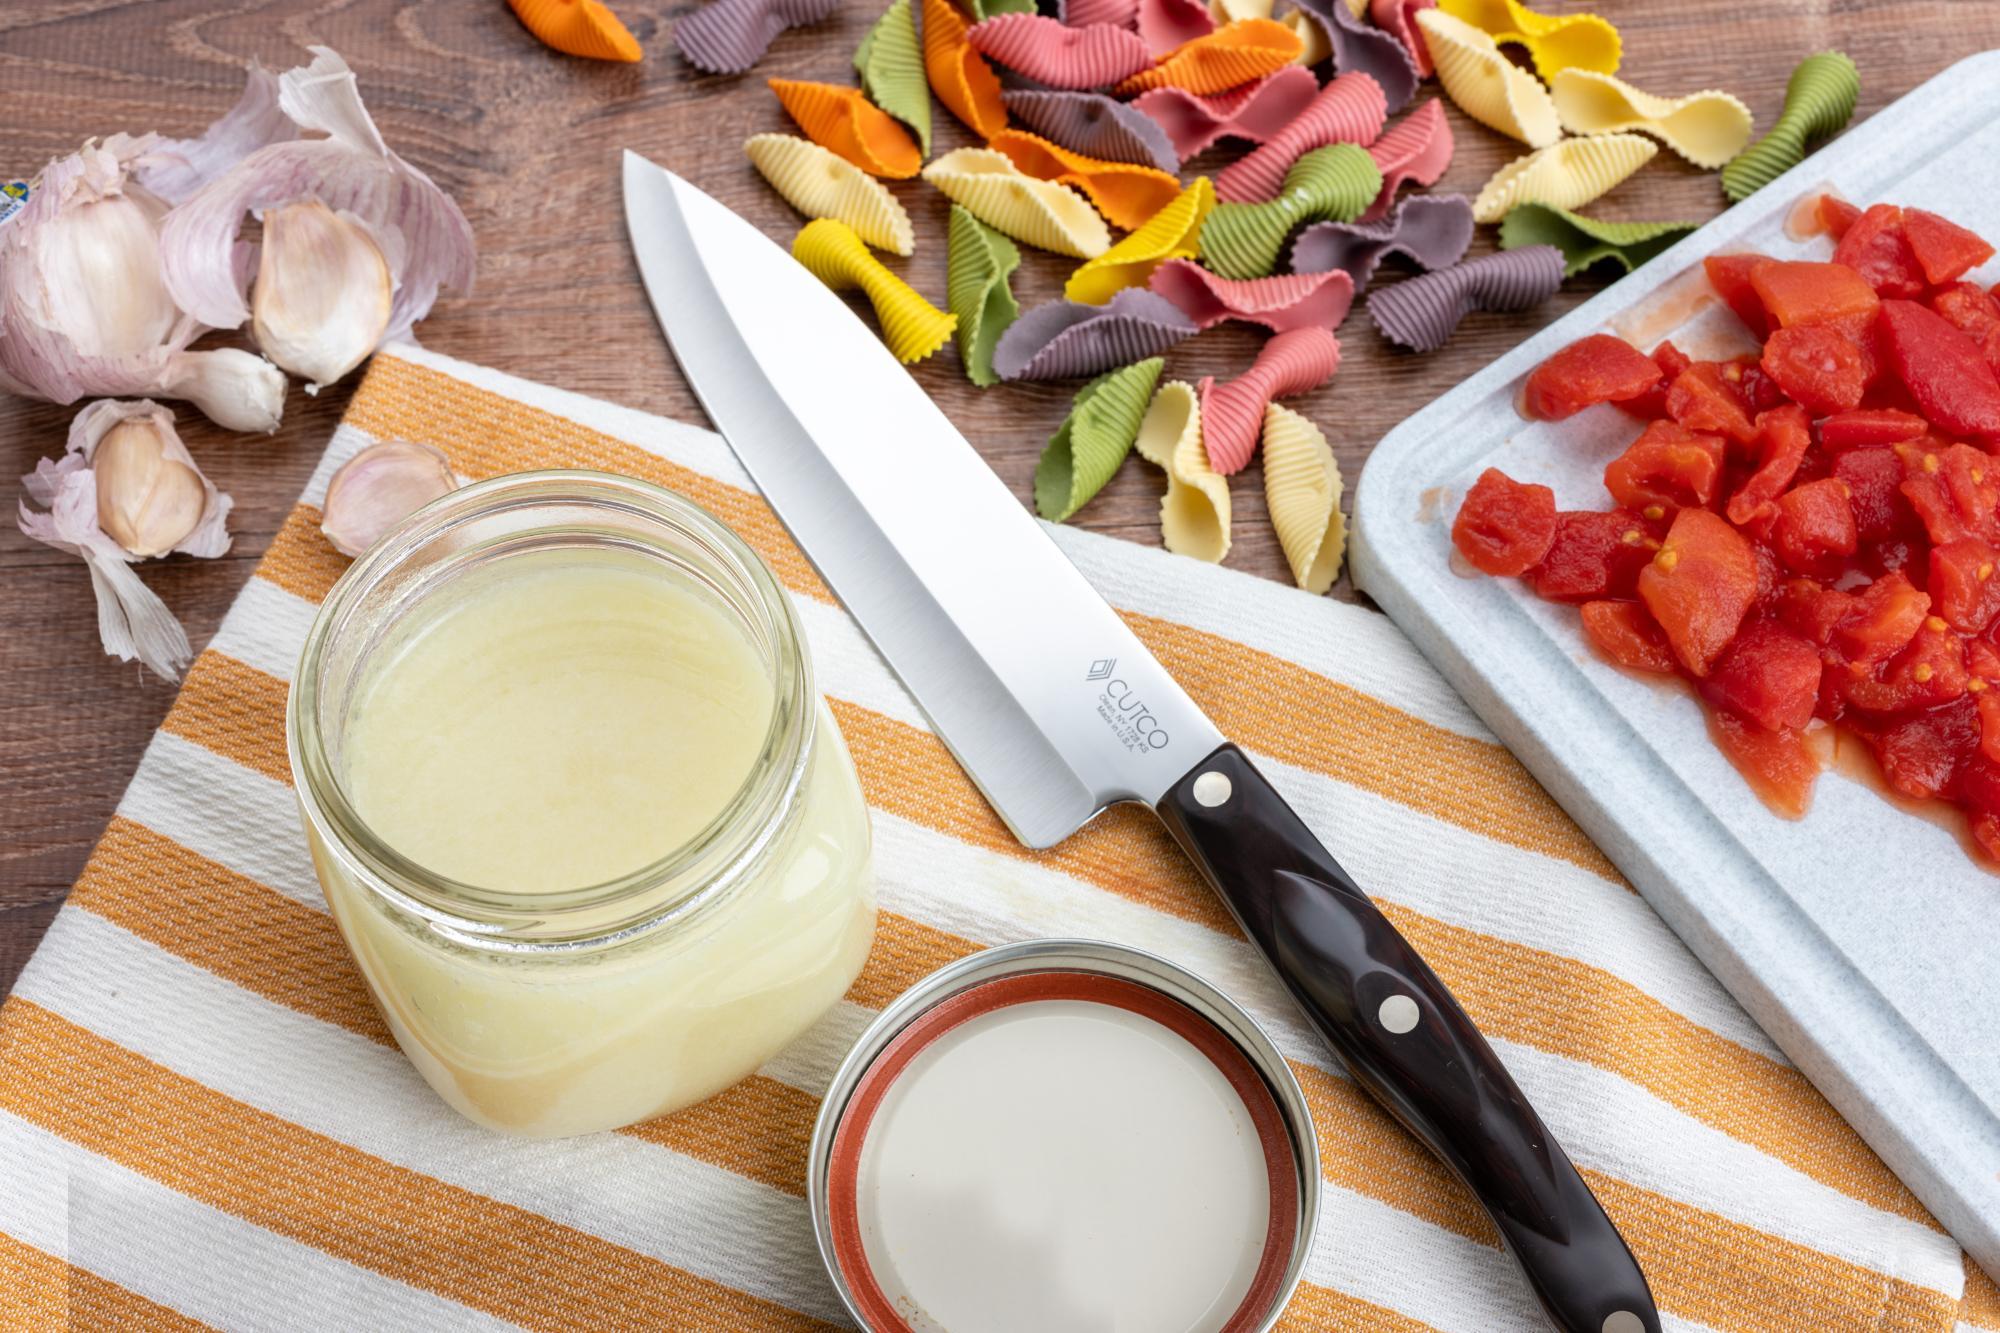 Basic Garlic Sauce